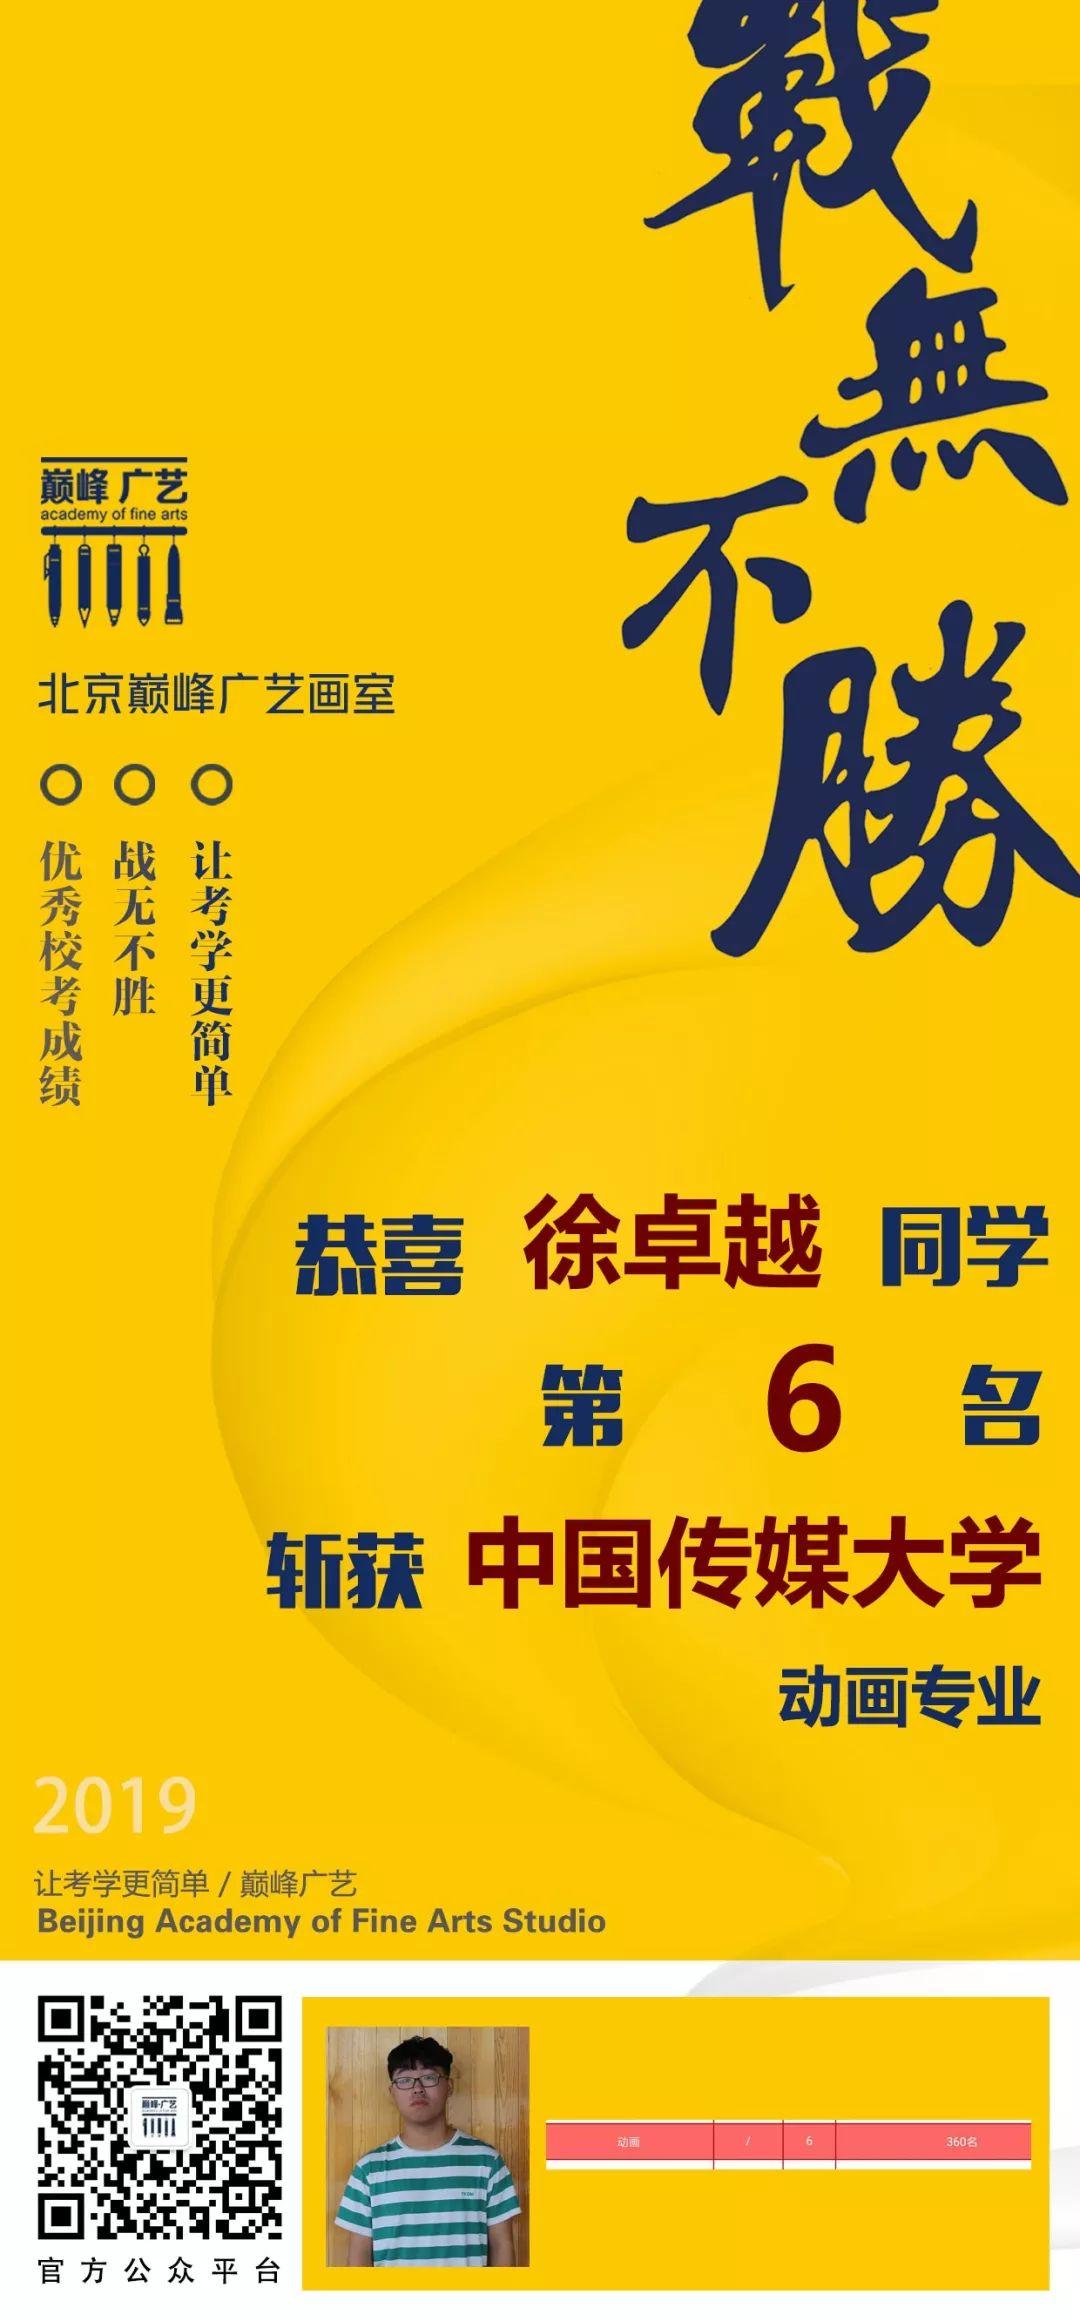 中国传媒大学,北京电影学院,中央戏剧学院,北京巅峰广艺画室       13